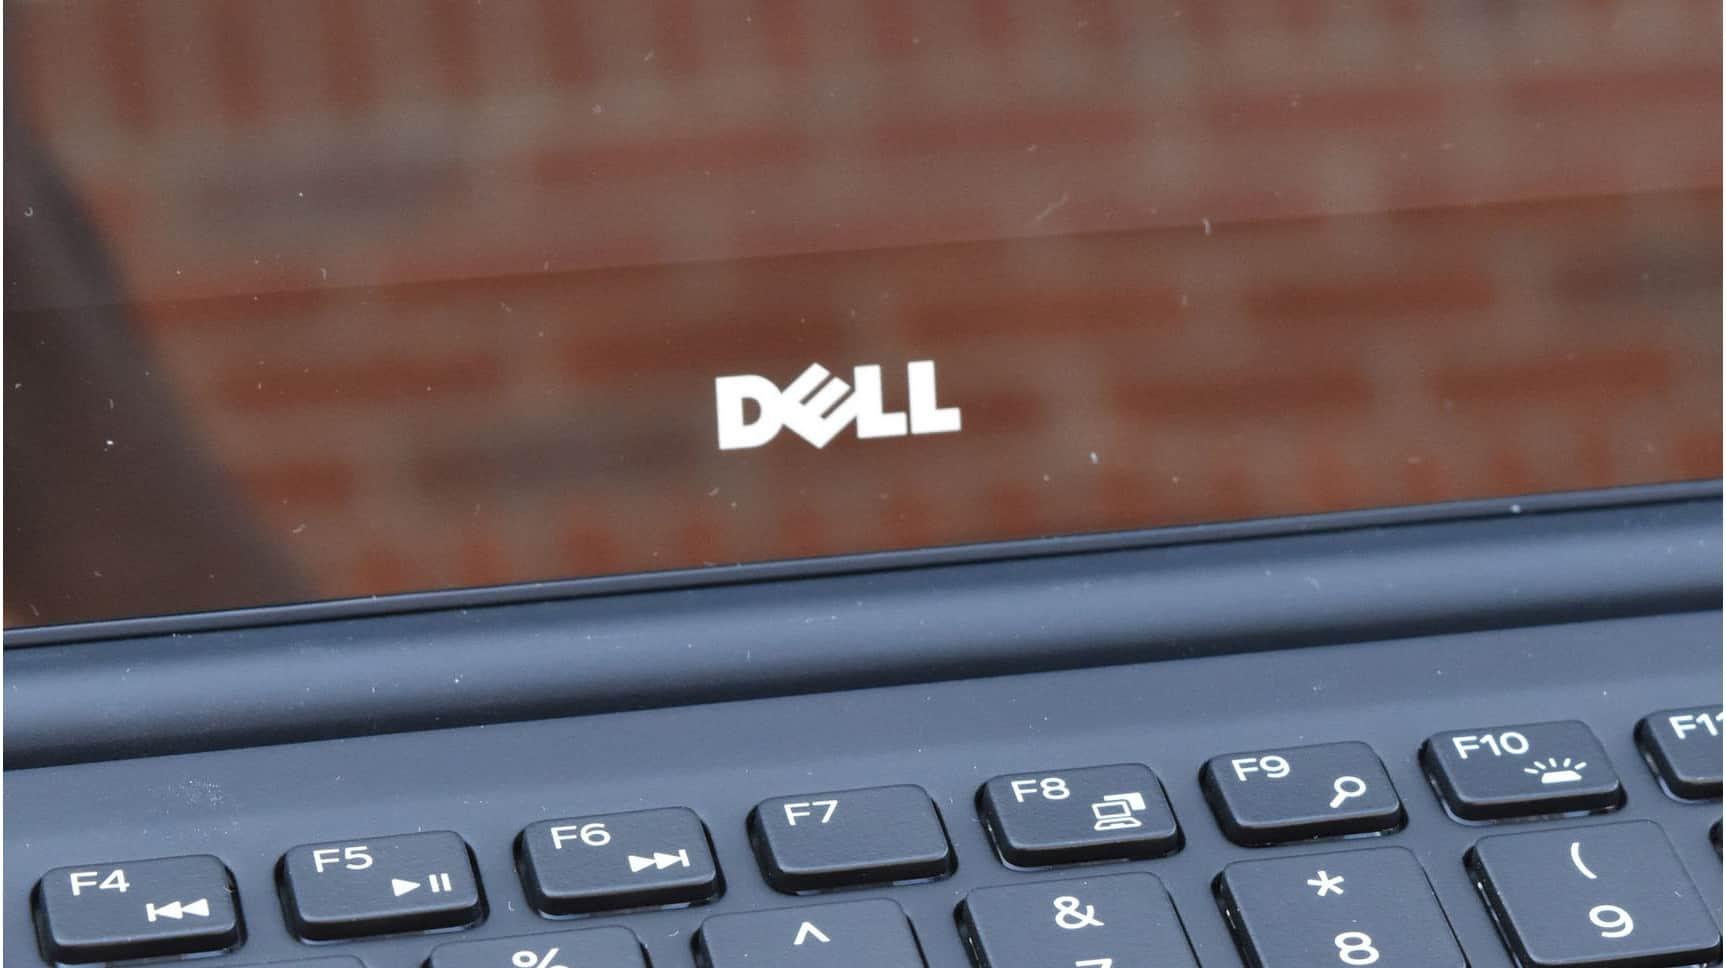 Dell Precision 5520 2017 (7)